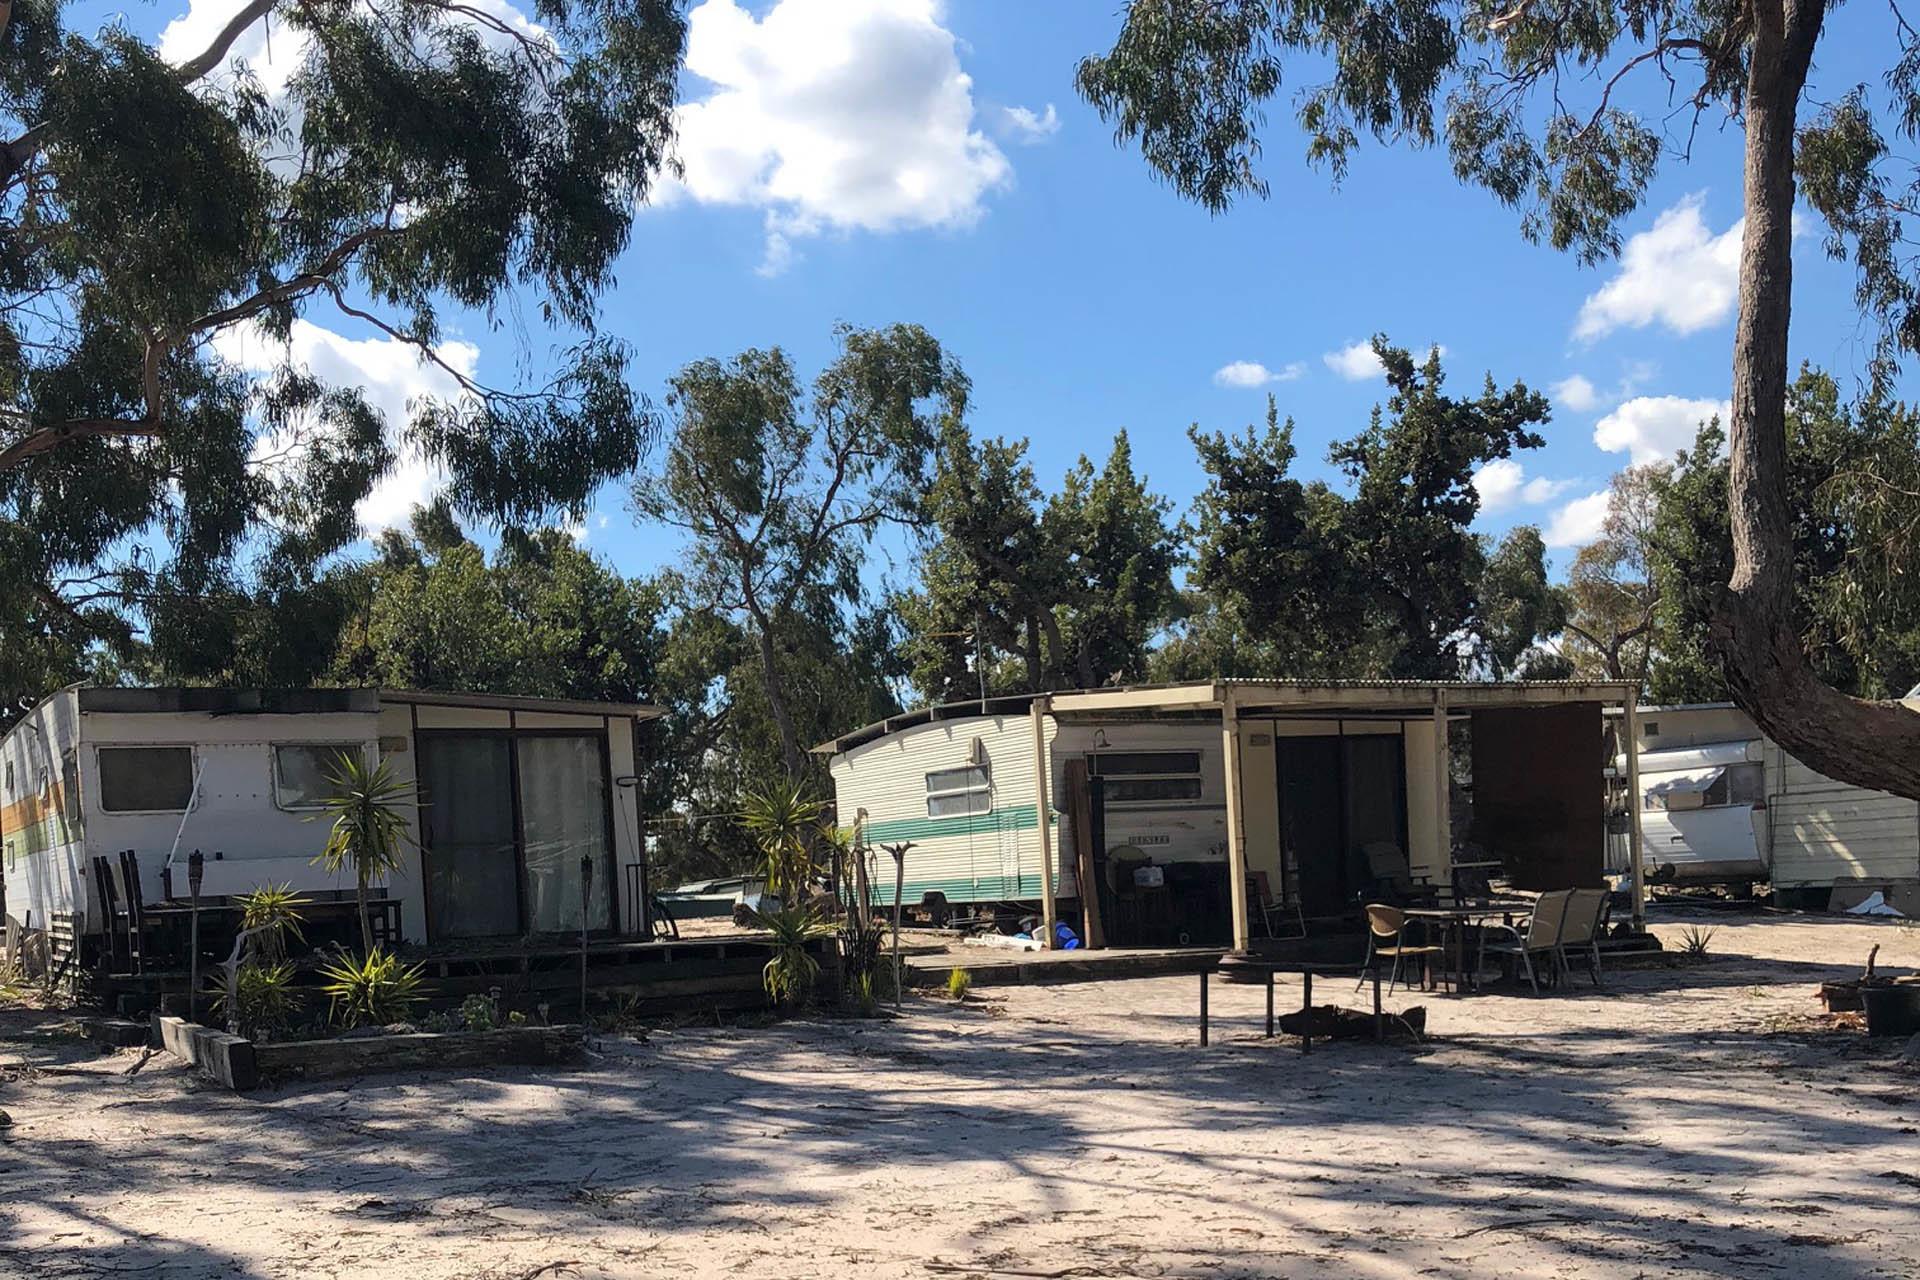 f - Roseneath Caravan Park